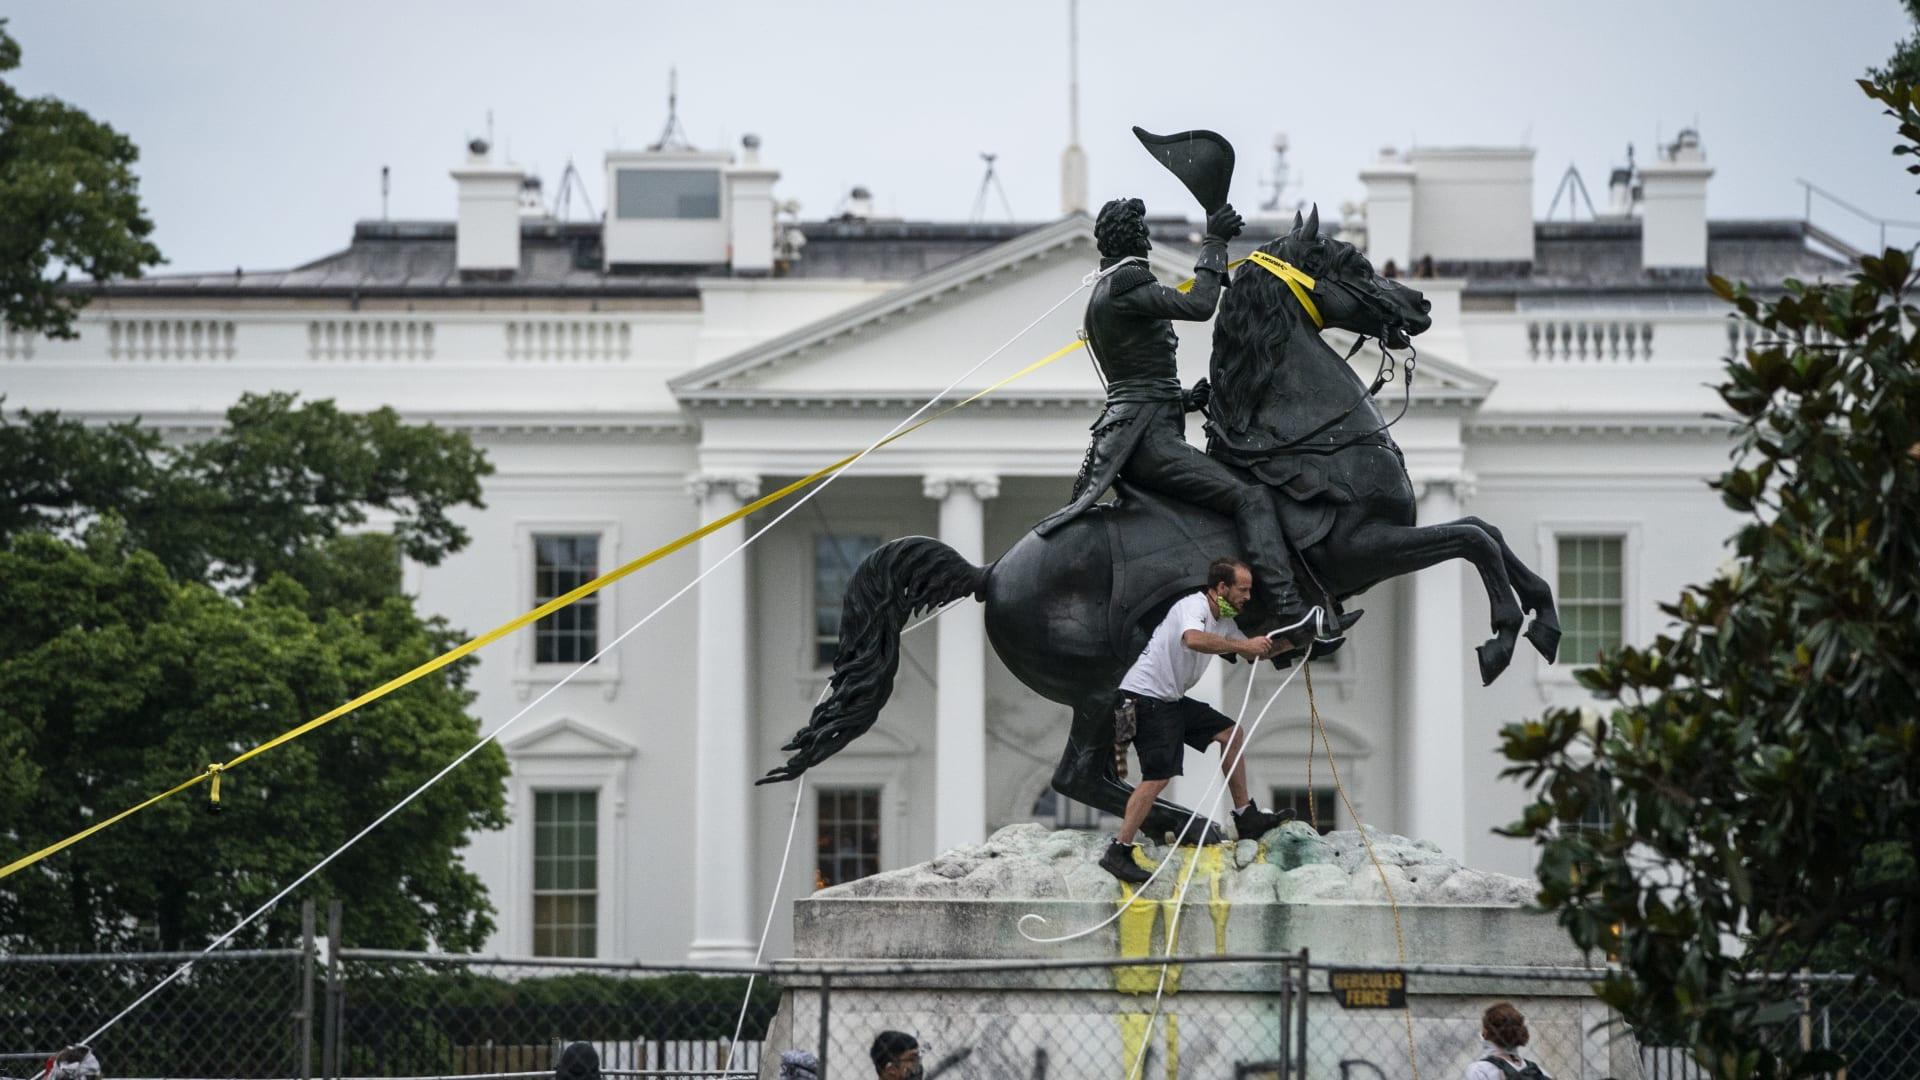 """بعد الإطاحة بتماثيل ترتبط بالعبودية.. ترامب: وقعت أمرًا """"قويًا للغاية"""" لحماية الآثار"""